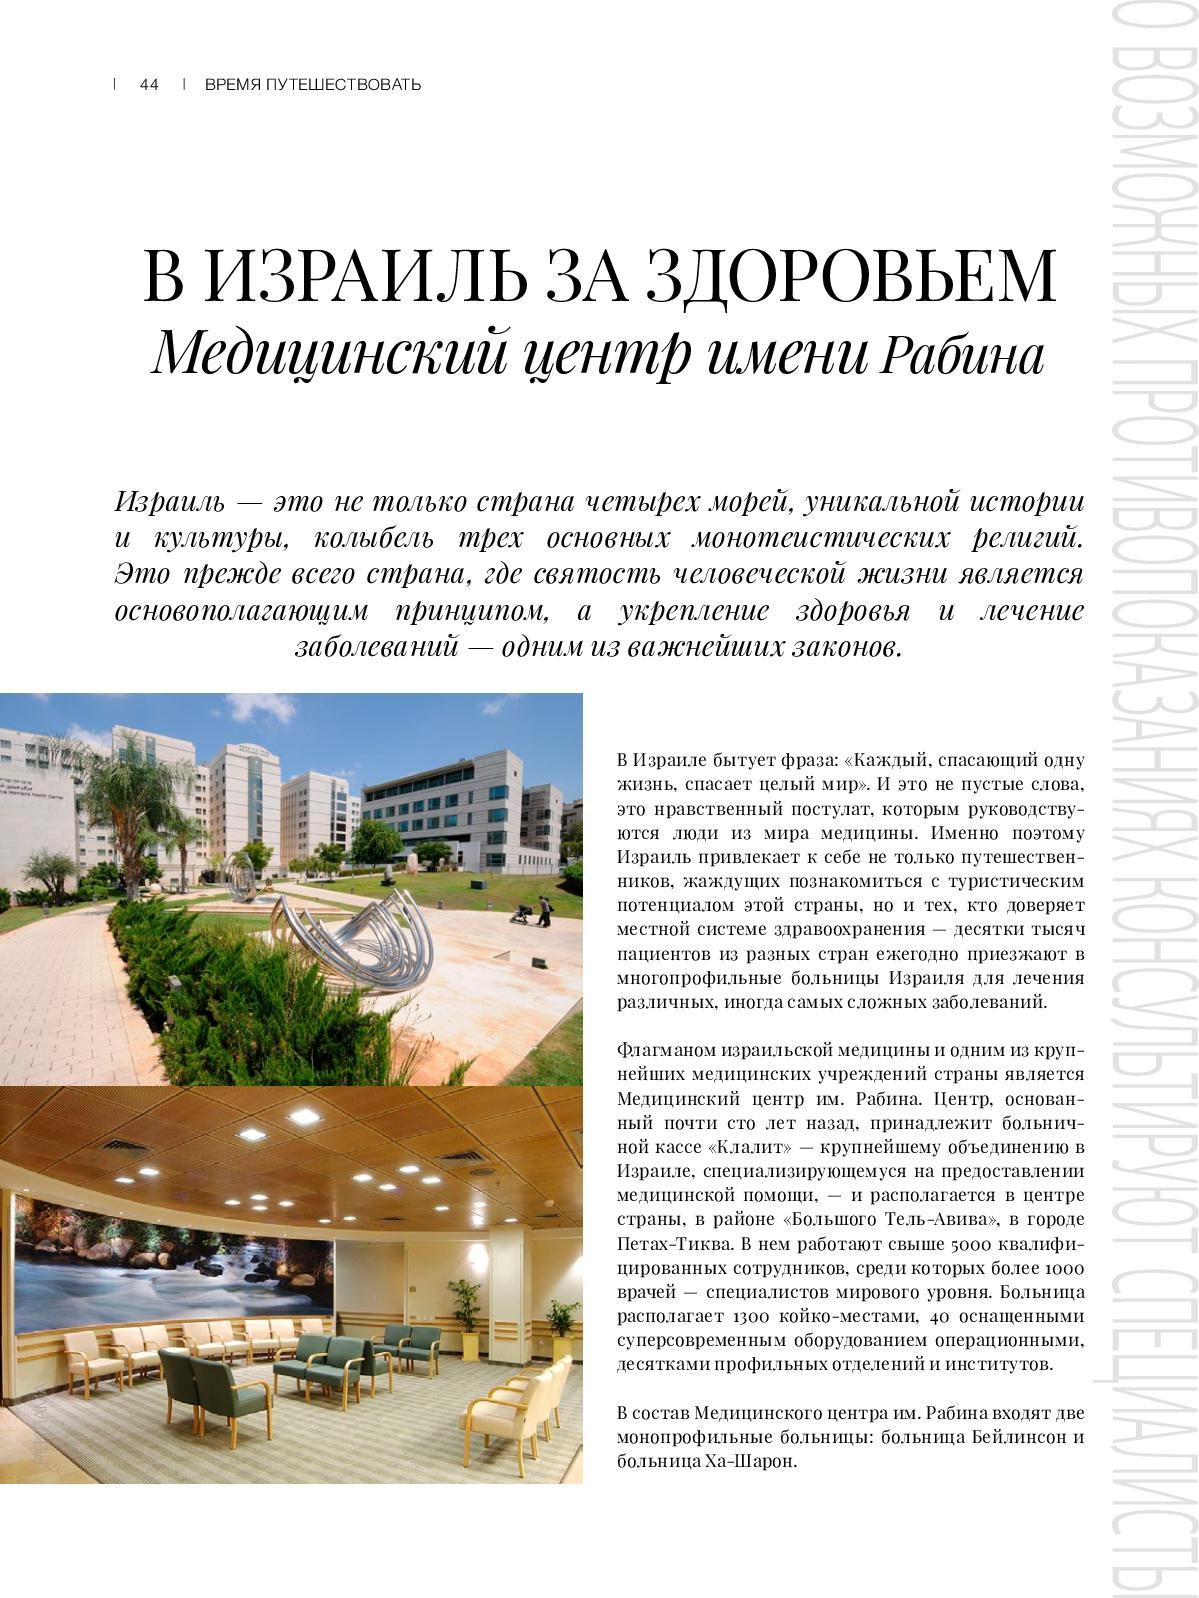 Больничный лист срочно Москва Проспект Вернадского